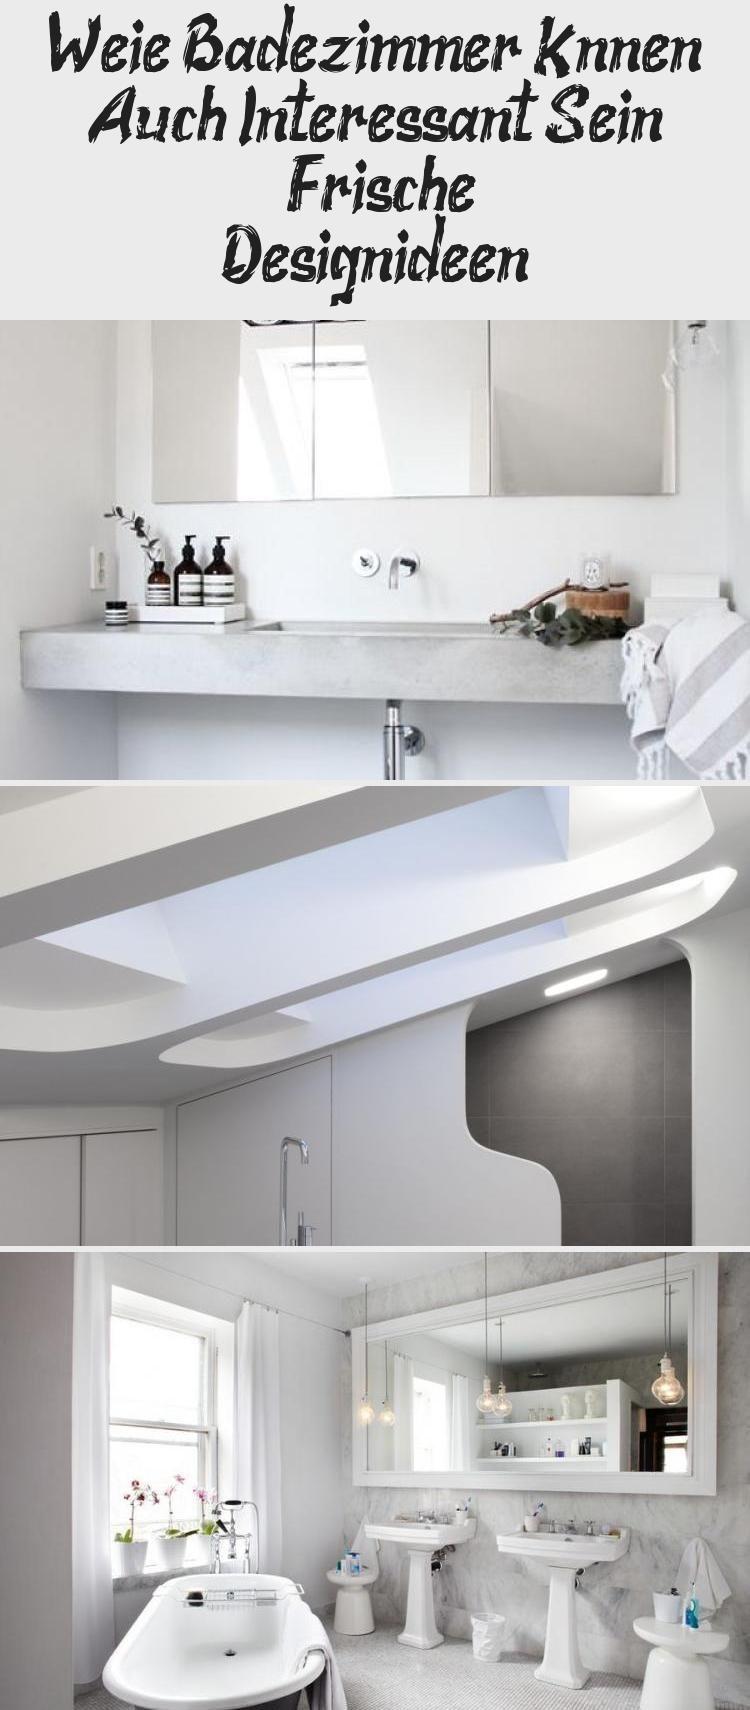 Weisse Badezimmer Konnen Auch Interessant Sein Frische Design Ideen Pinokyo In 2020 Bathroom Bathtub